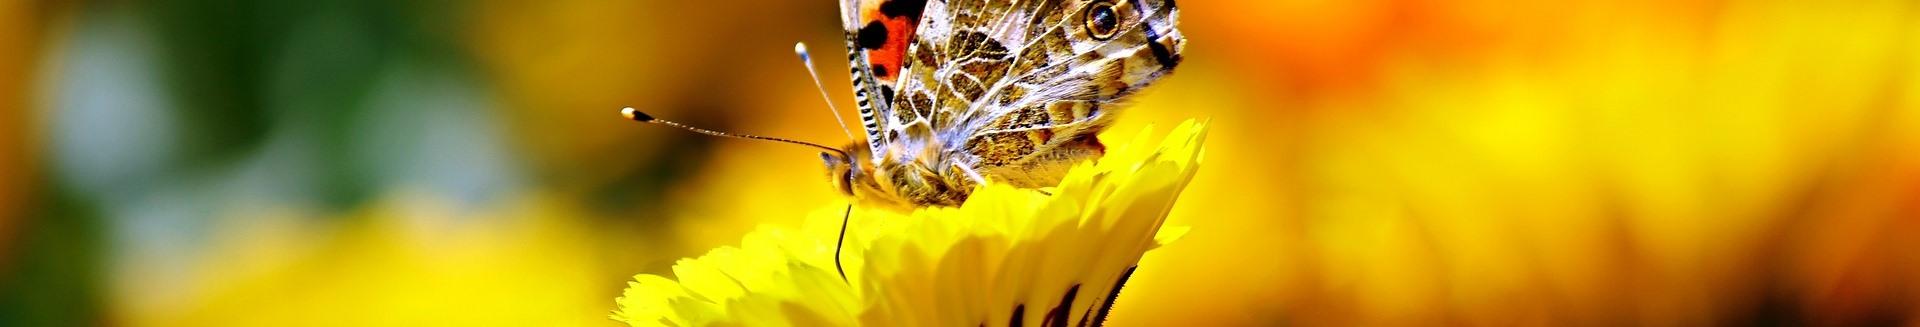 image butterfly169924_1920.jpg (95.5kB)